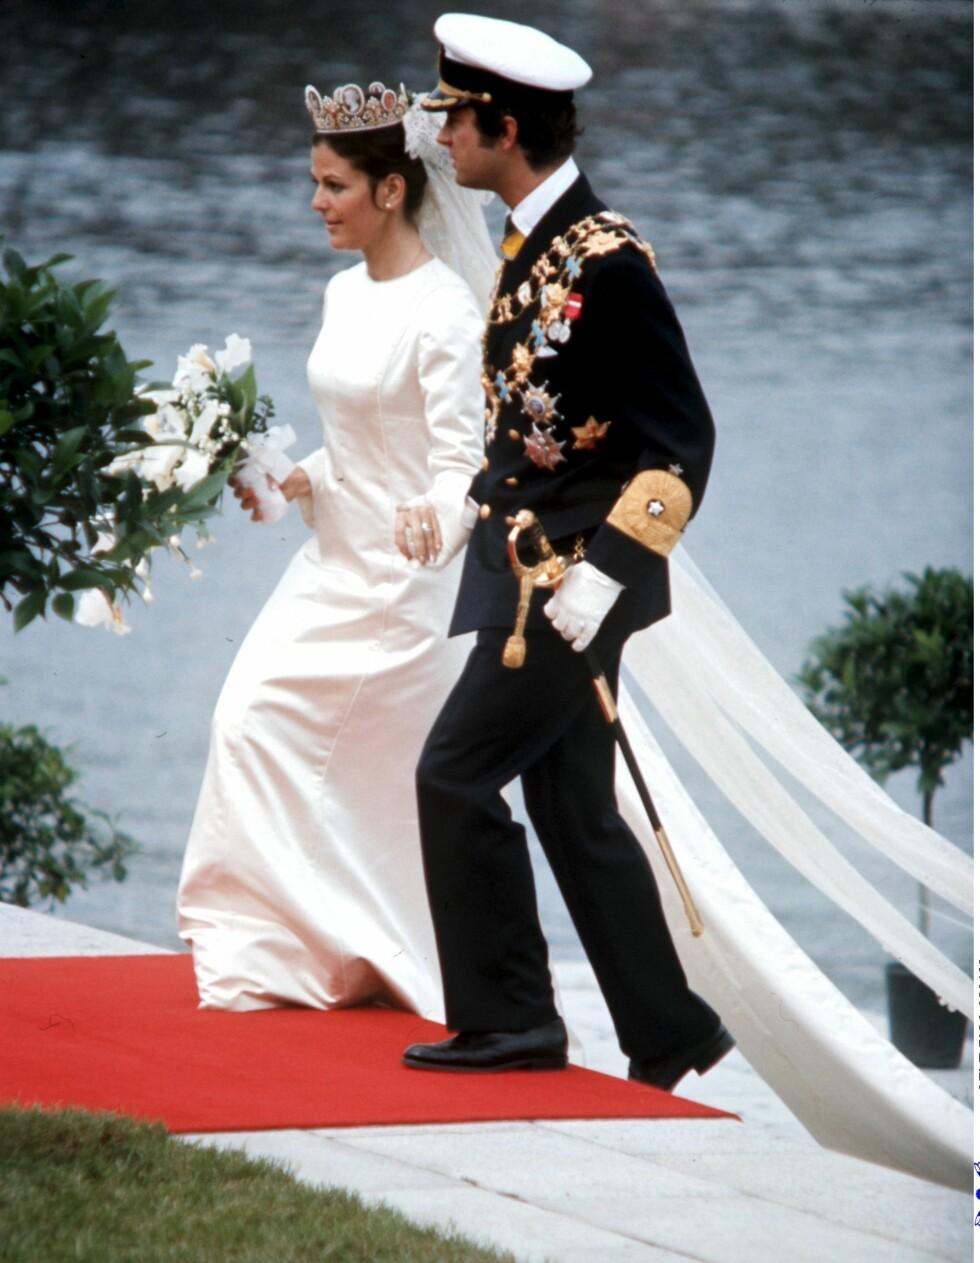 HÅND I HÅND: Dronning Silvia strålte i sin enkle brudekjole fra Christian Dior, mens kong Carl Gustaf var staut i uniform.  Foto: Scanpix Sweden